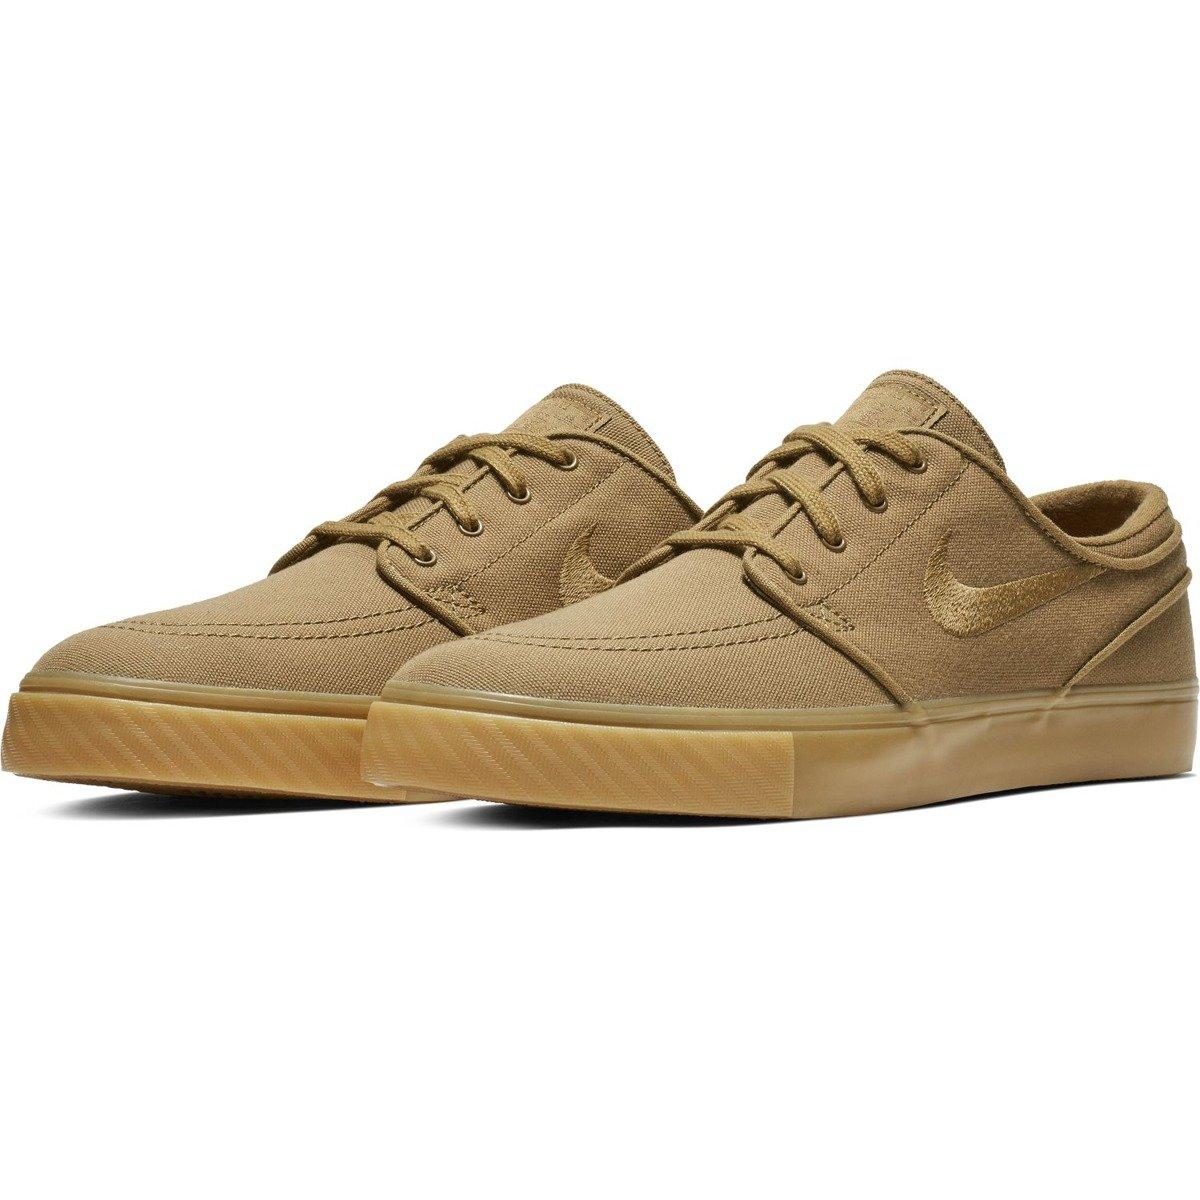 Nike Zoom Stefan Janoski golden beige